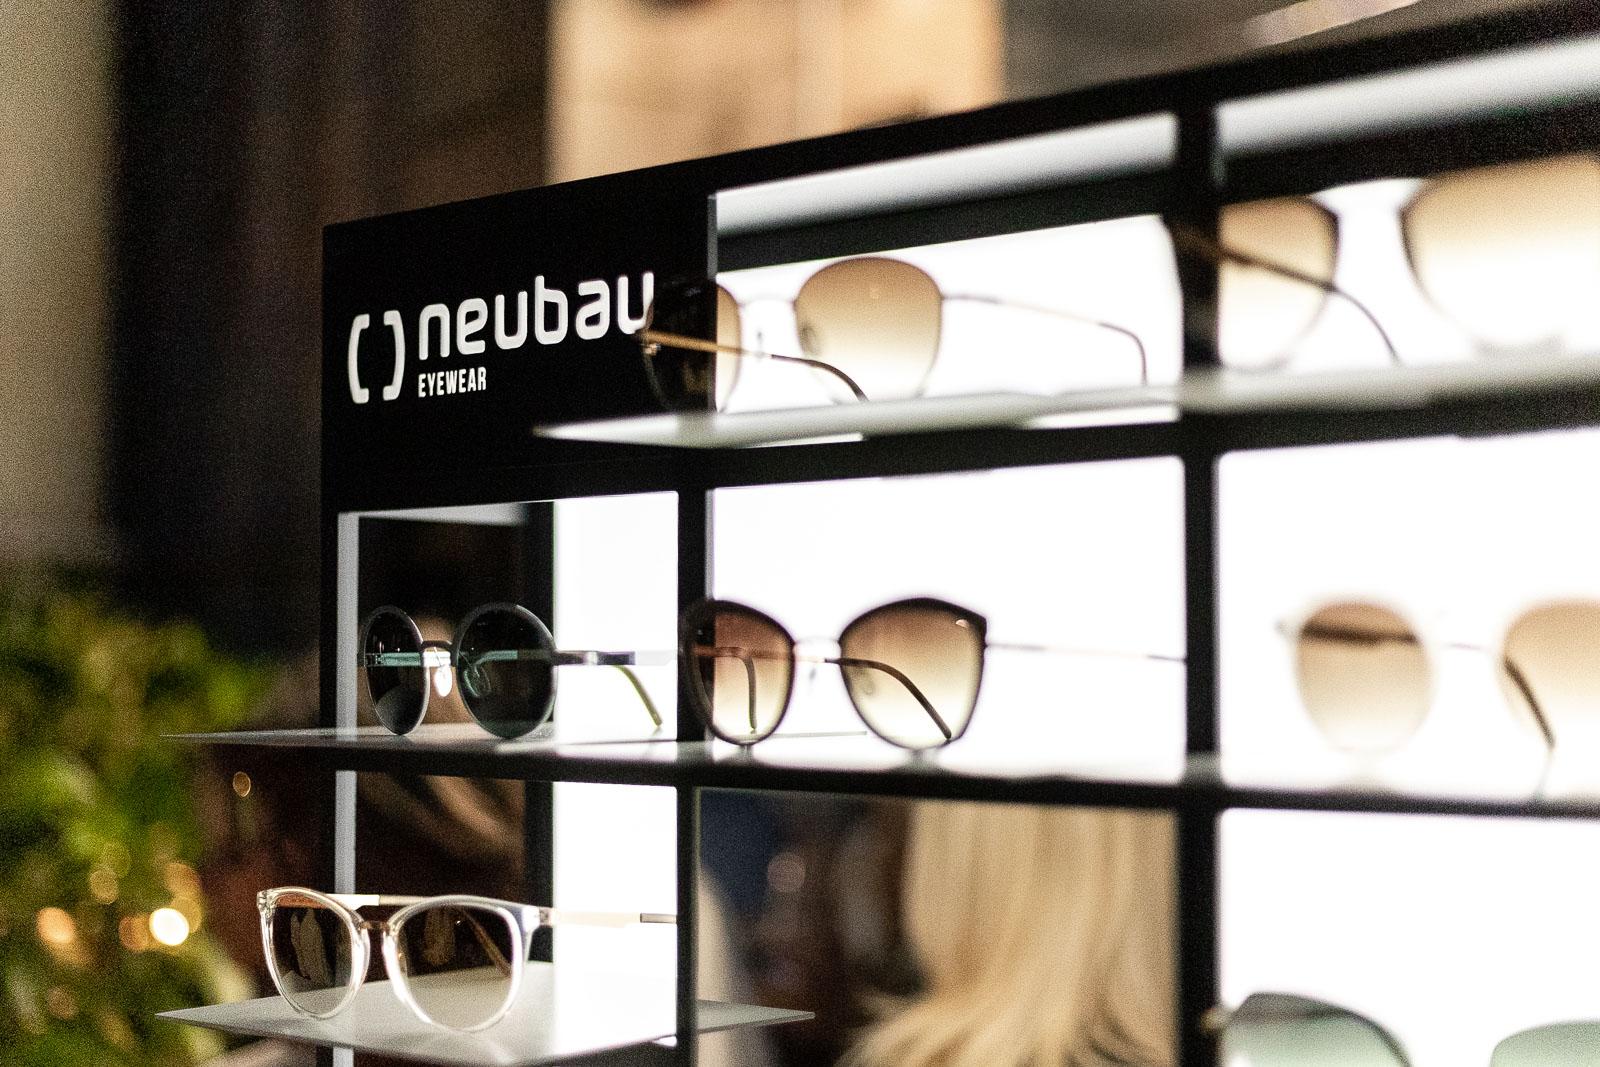 Wutscher Gartenparty - Exklusive Präsentation der aktuellen neubau eyewear Kollektion // sehen! Wutscher, neubau eyewear, Brillenlabel, Sonnenbrille, Event Graz, www.miss-classy.com #sonnenbrille #wutscher #neubau #graz